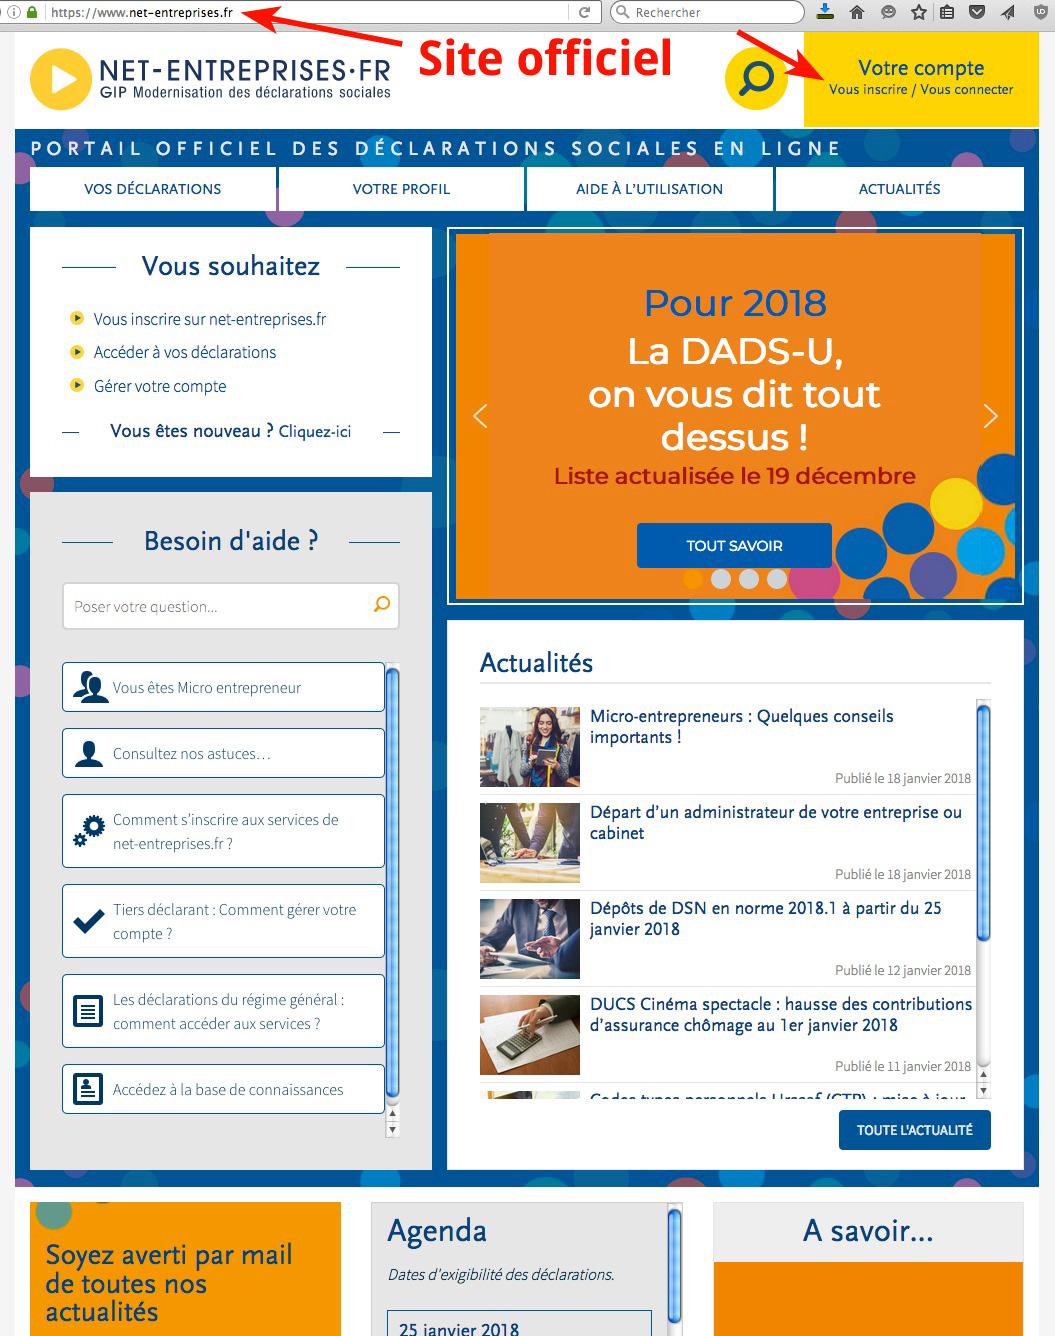 Accueil net-entreprises.fr